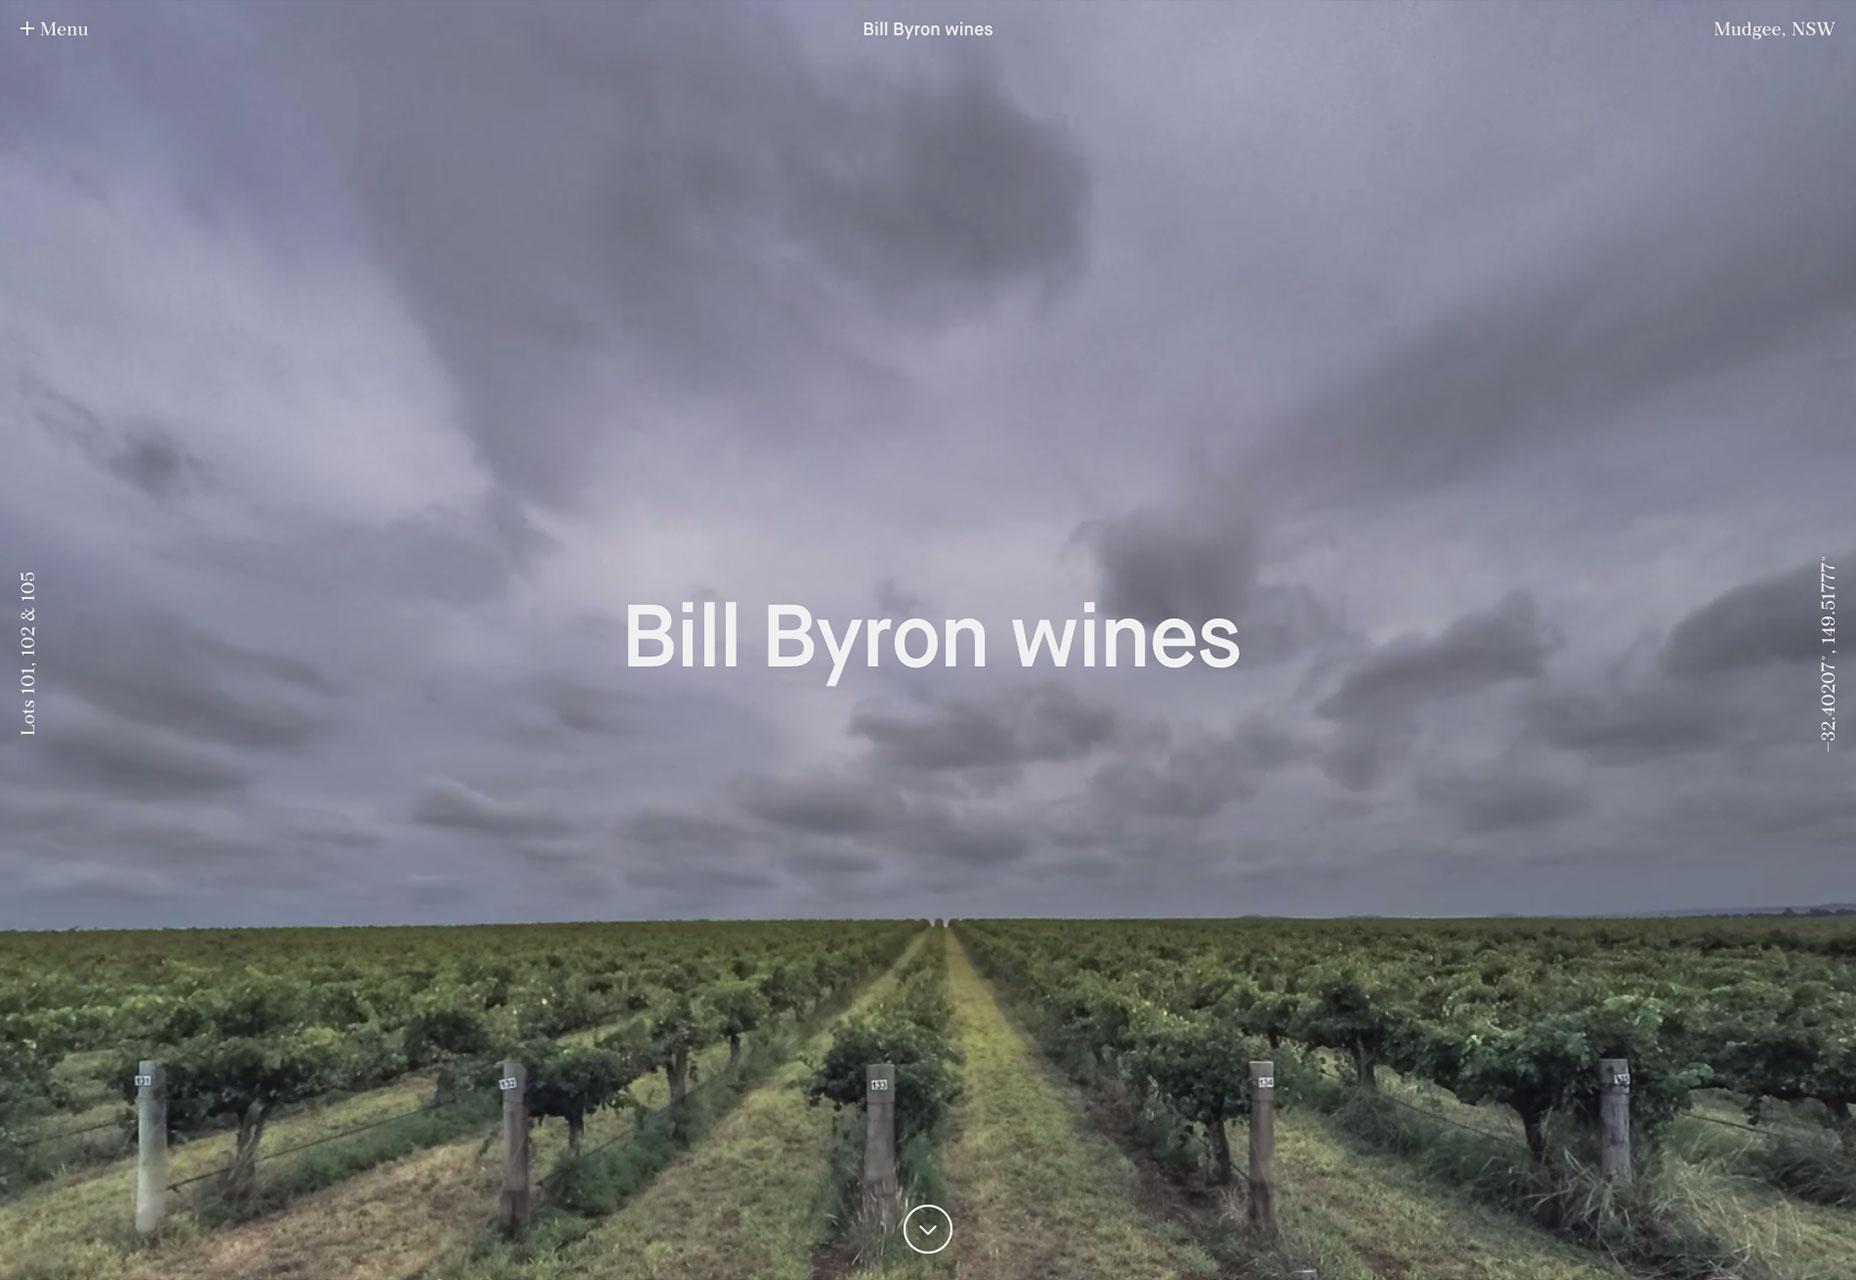 billbyronwines